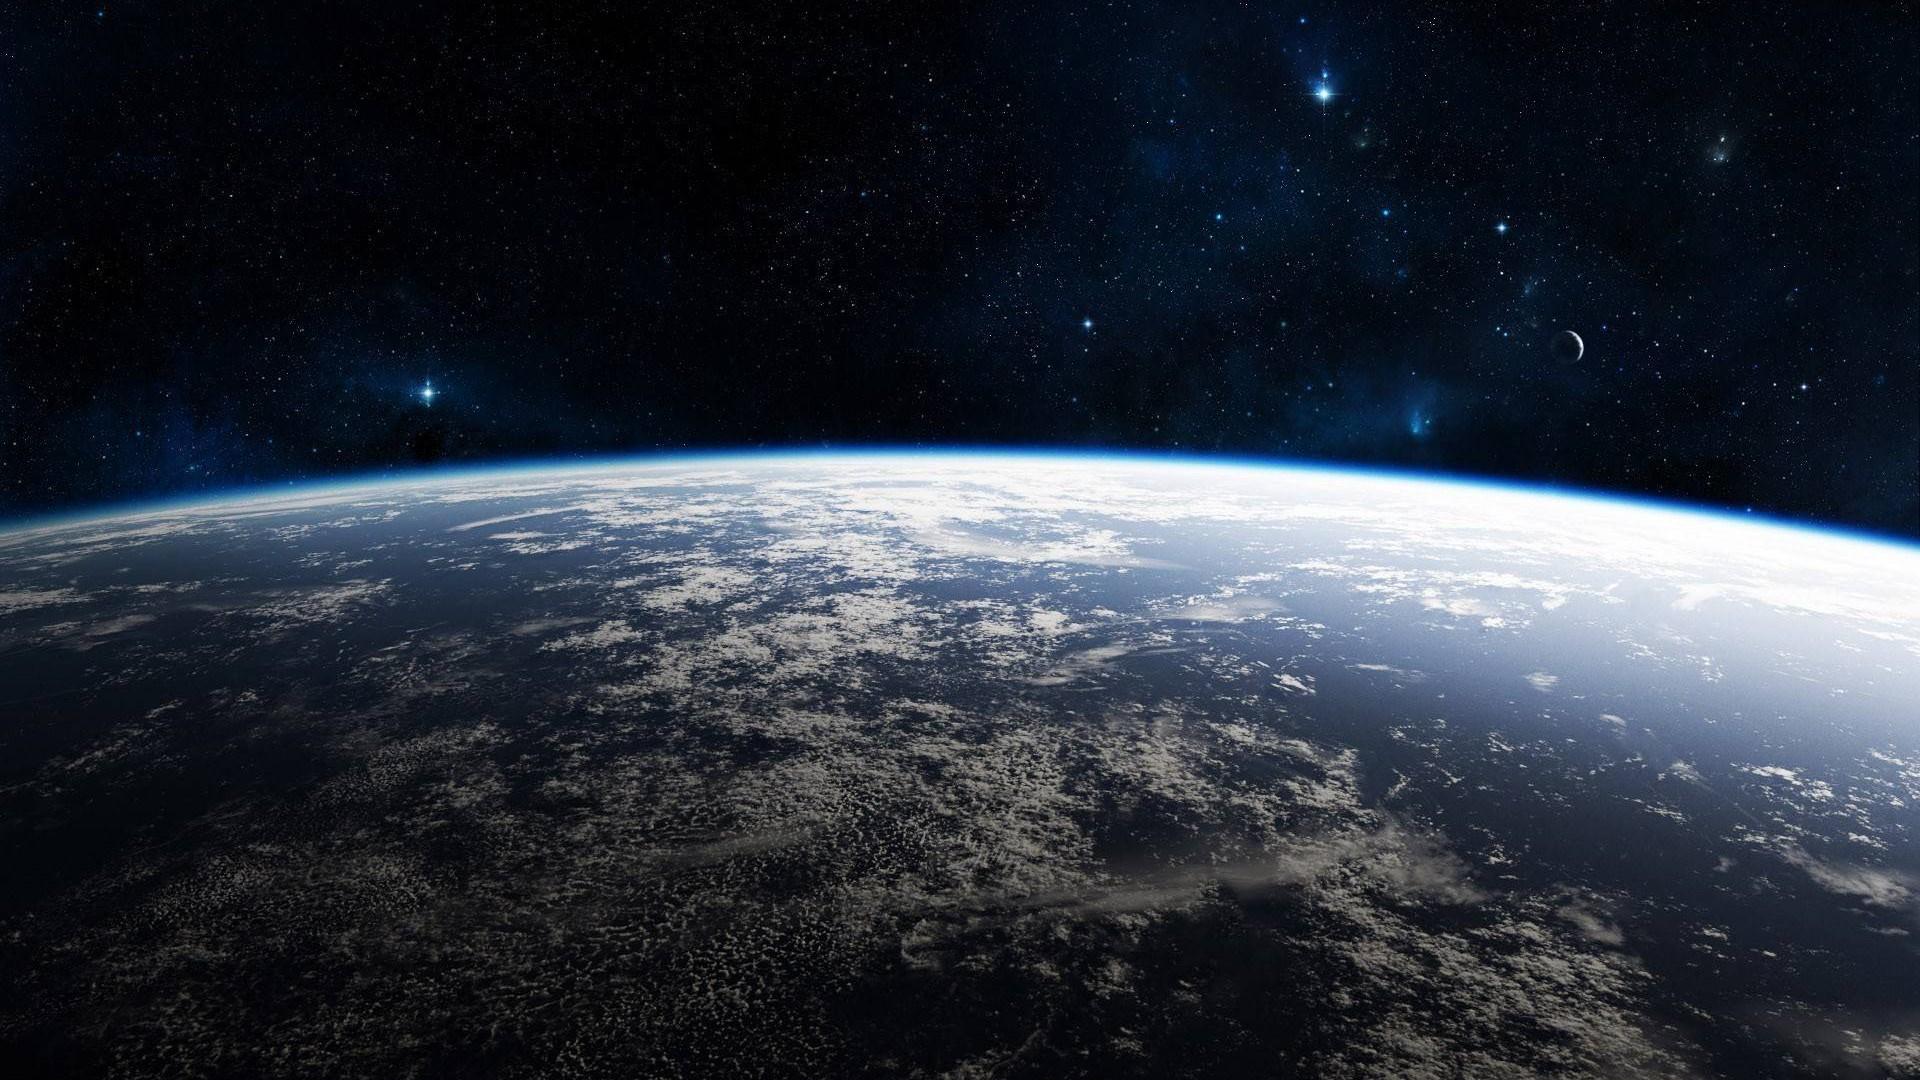 چرا فضا تاریک و سیاه است؟- پایگاه اینترنتی دانستنی در ایران